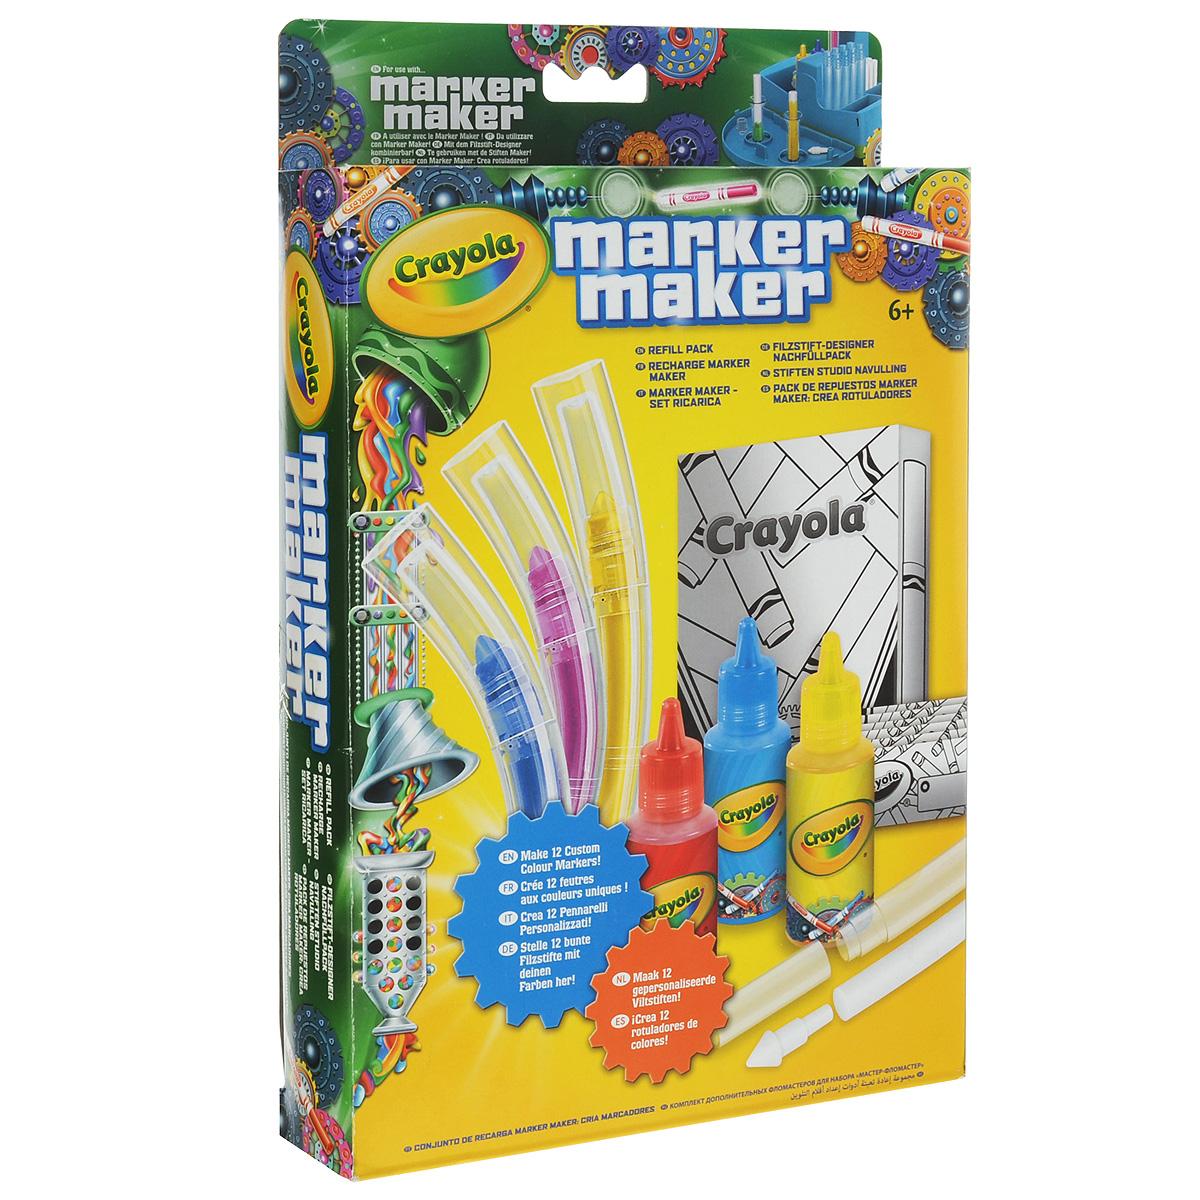 """Набор аксессуаров Crayola Мастер-фломастер74-7055Набор аксессуаров Мастер-фломастер является комплектом дополнительных фломастеров для фабрики по производству фломастеров """"Мастер-фломастер"""" от Crayola. В комплект входят 12 наборов для сборки фломастеров (корпуса, стержни, наконечники, колпачки, заглушки, наклейки), 3 баночки с чернилами красного, синего и желтого цветов и 2 коробочки для упаковки и хранения. Всего этого достаточно для создания фломастеров с уникальными цветами. Вся продукция Crayola выпускается из нетоксичных и безопасных материалов, поэтому никак не навредит здоровью вашего ребенка. Увлекательный процесс создания фломастеров своими руками подарит юному художнику массу удовольствия, и поможет развить творческое мышление, аккуратность и художественный вкус. Рекомендуется для детей: от 6 лет."""